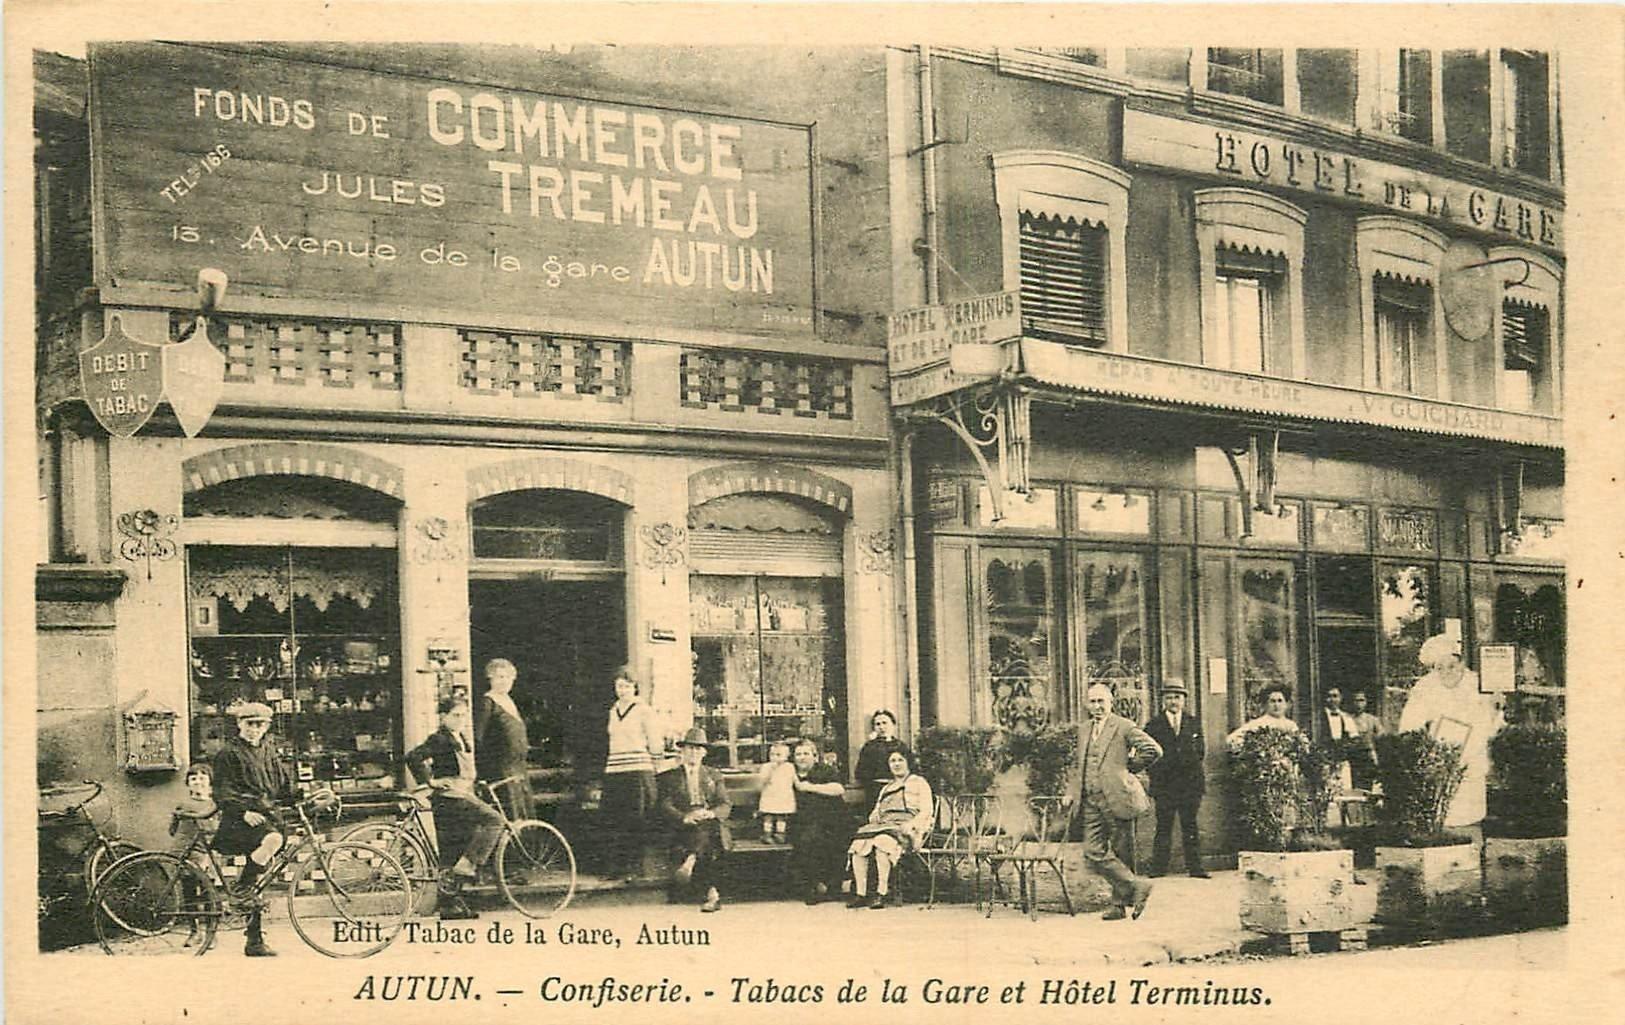 71 AUTUN. Cyclistes devant la Confiserie, Tabac et Hôtel Terminus Avenue de la Gare